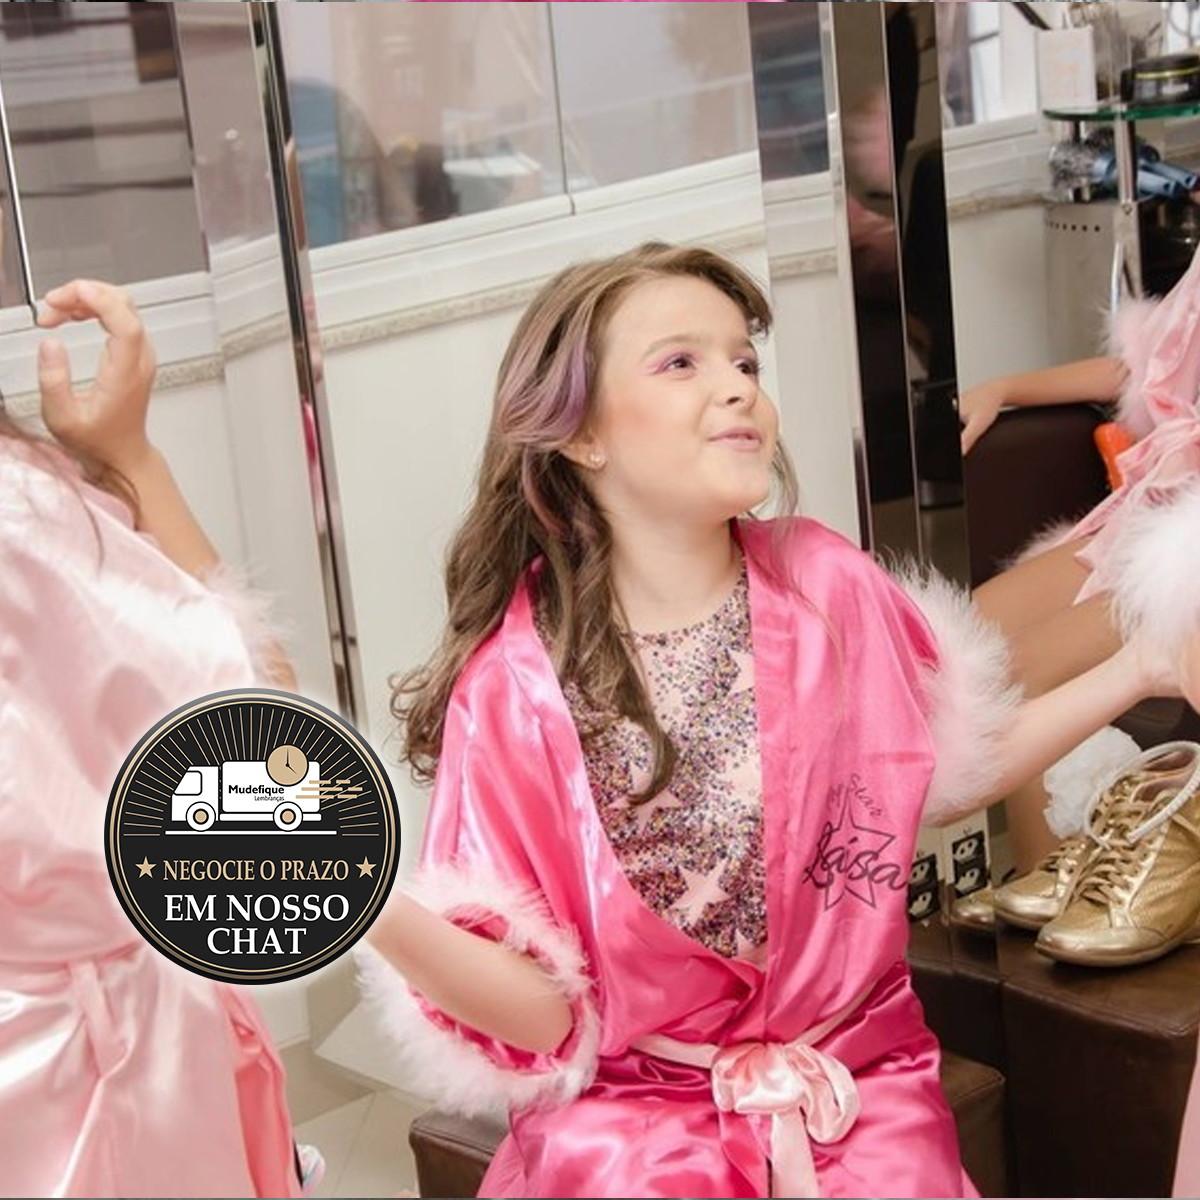 45b9df1152ff1e Robes de Cetim Infantil Salão Spa Divas Popstar Limosine